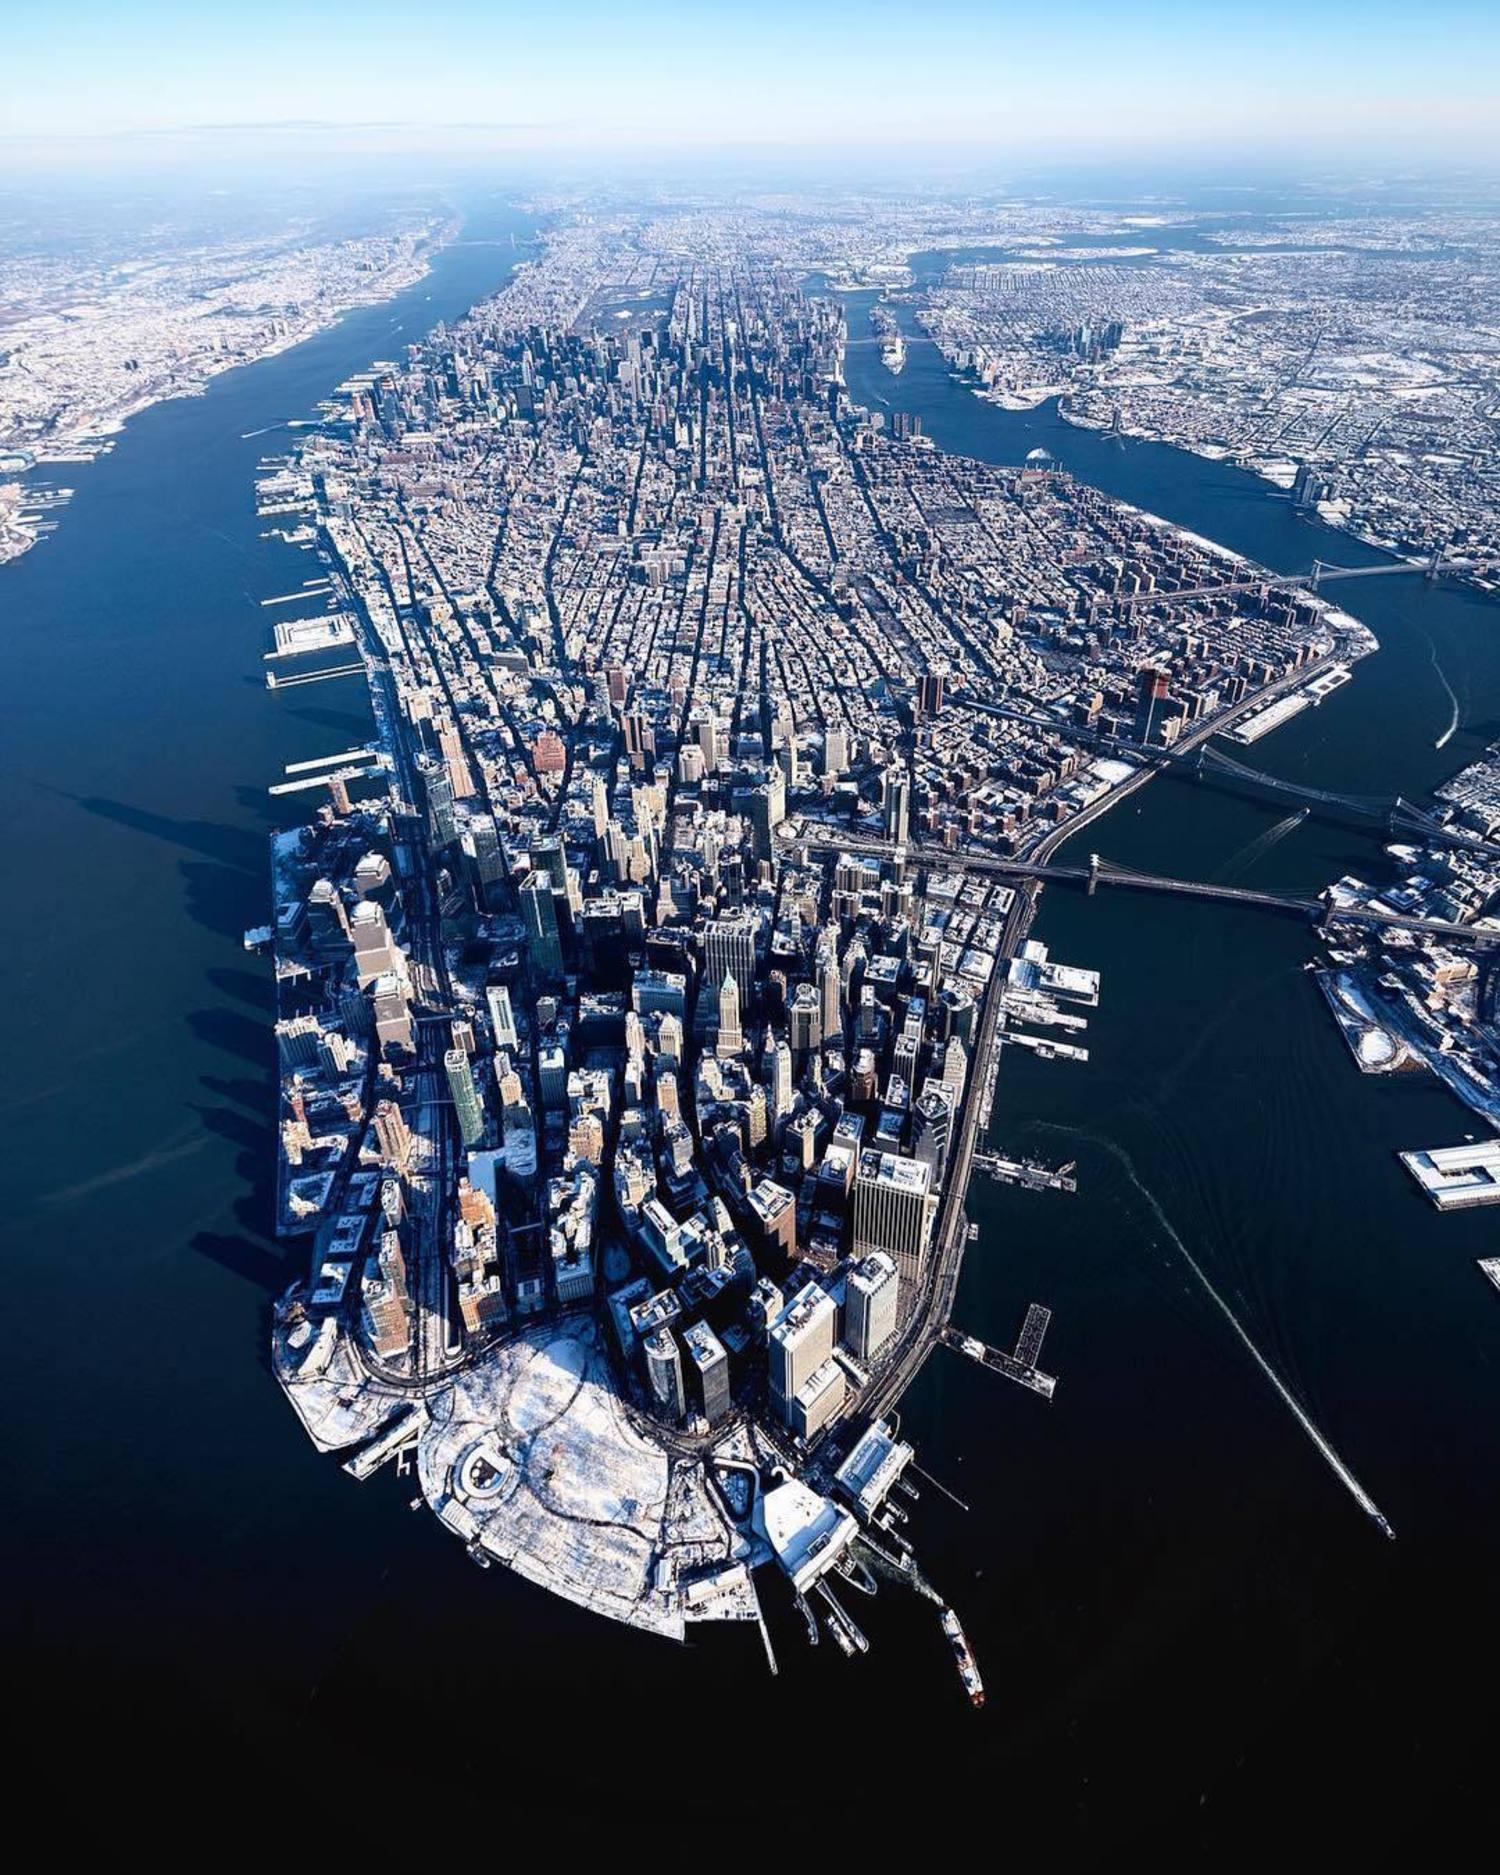 New York, New York. 📸 @beholdingeye #viewingnyc #nyc #newyork #newyorkcity #snow